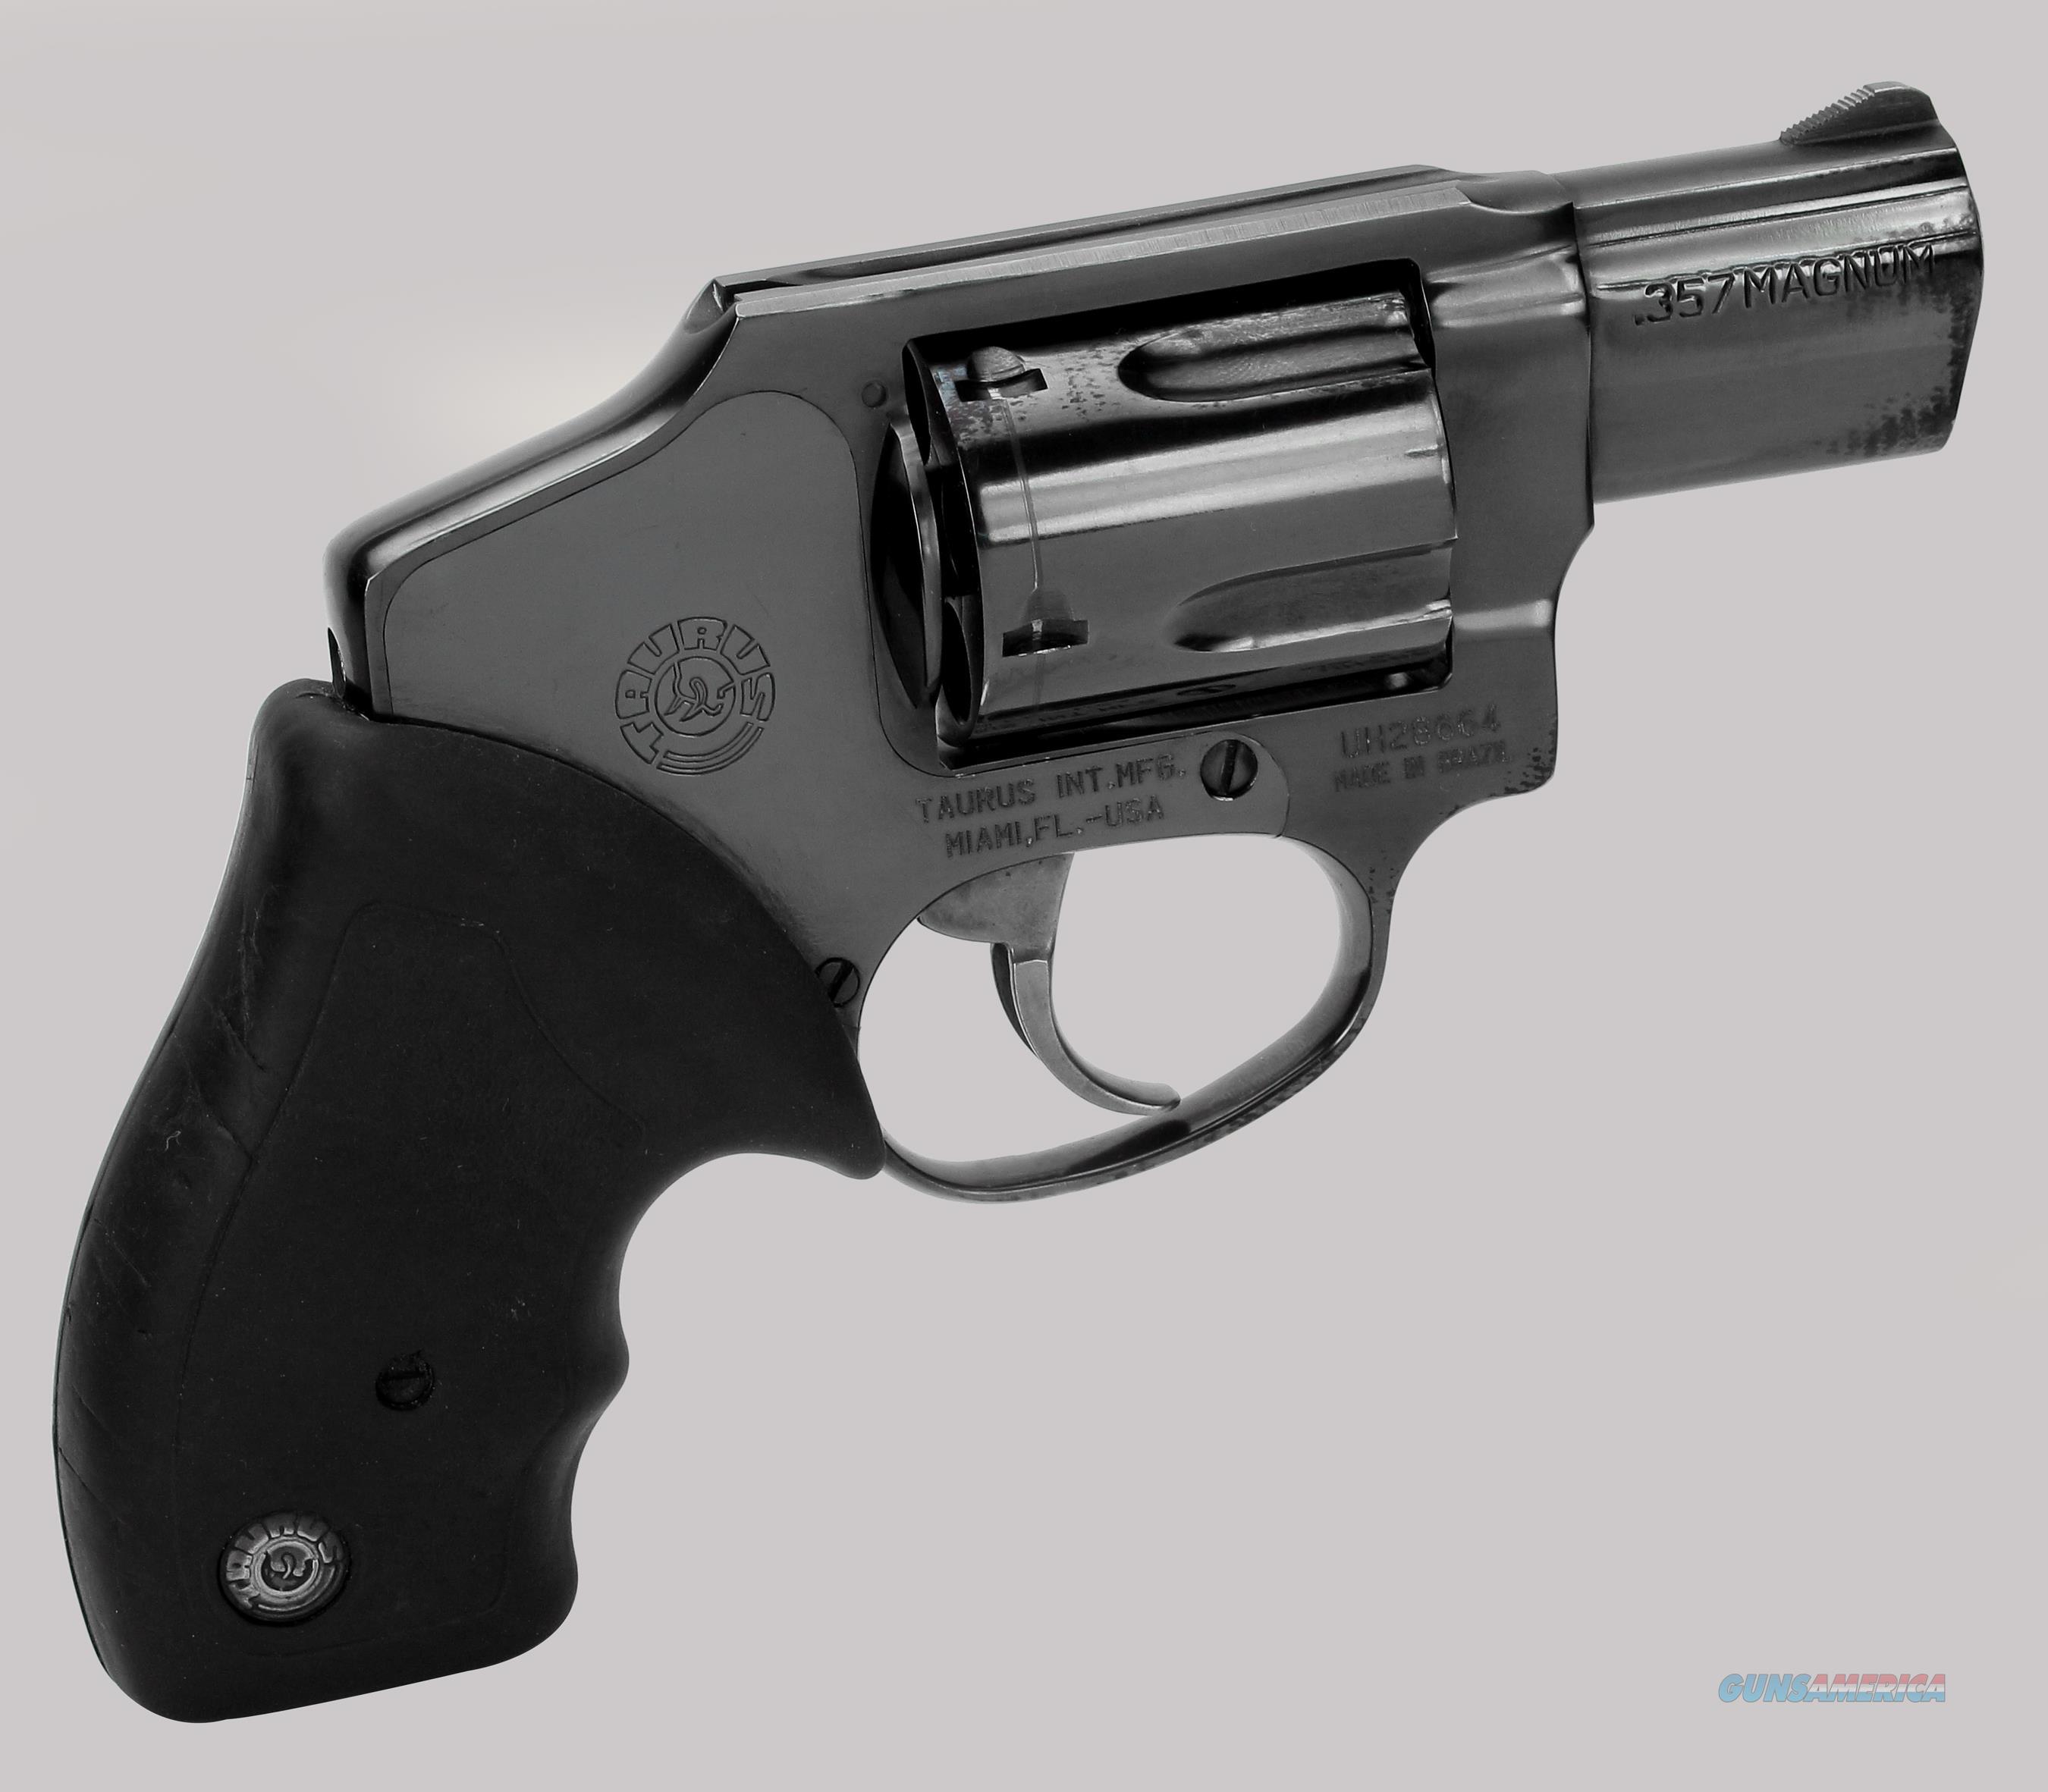 Taurus 650 CIA Hammerless 357 Magnum / 38 Spl  New! LAYAWAY OPTION  2650121CIA